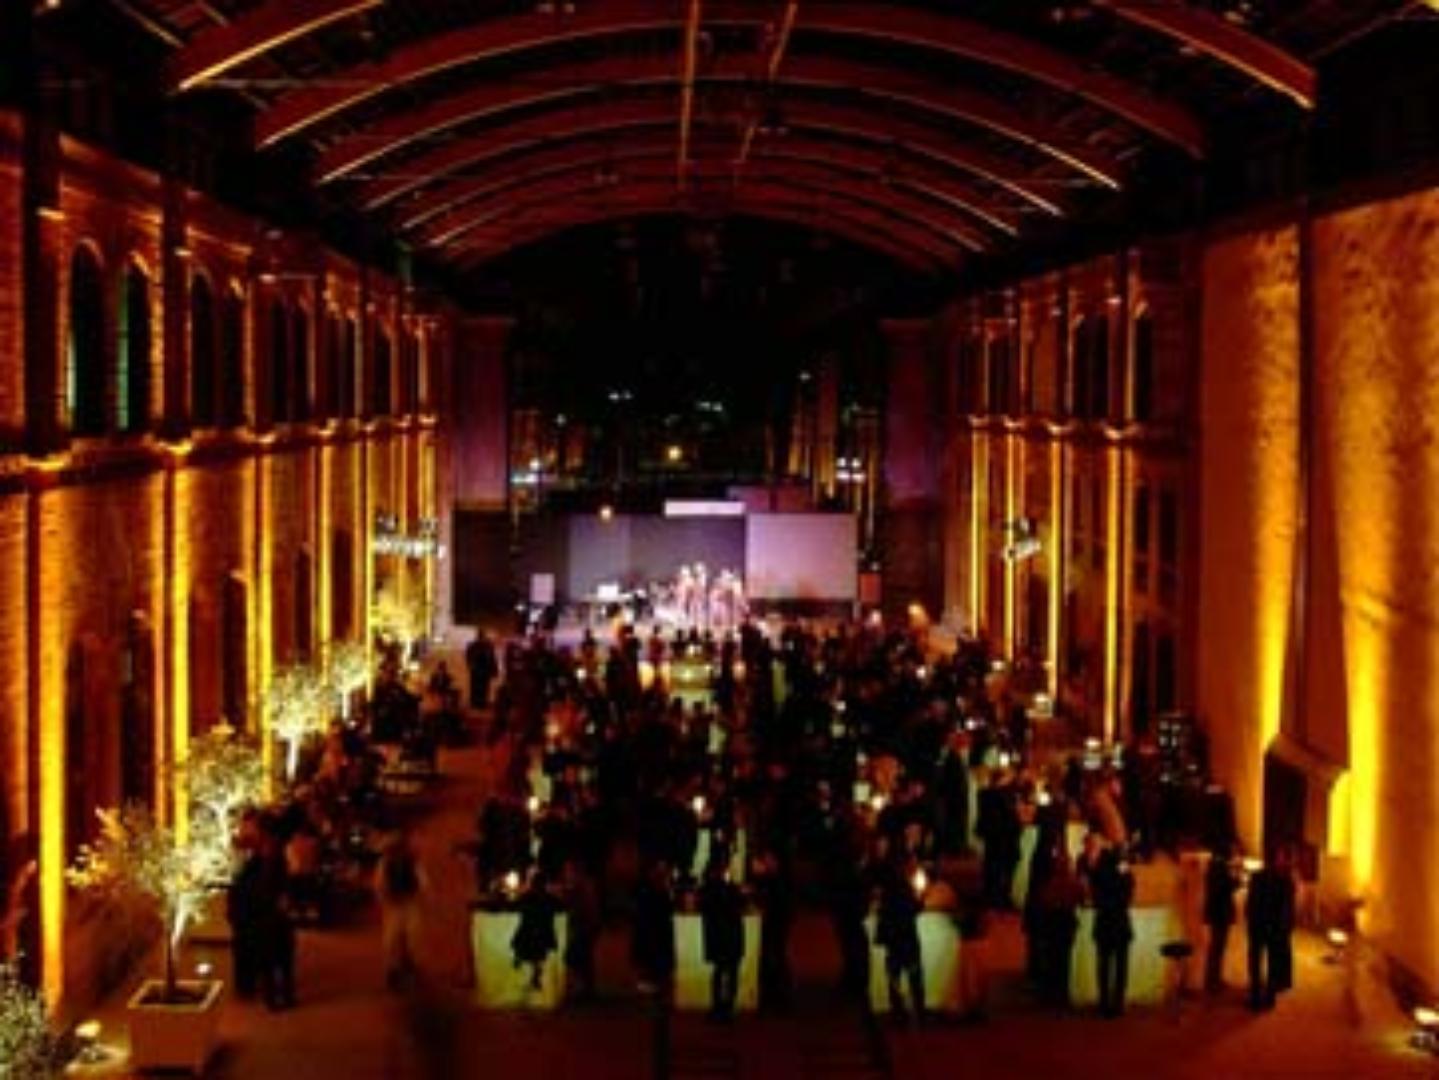 Achat Plaza Frankfurt Offenbach Eventlocation Eventlocation In Offenbach Am Main